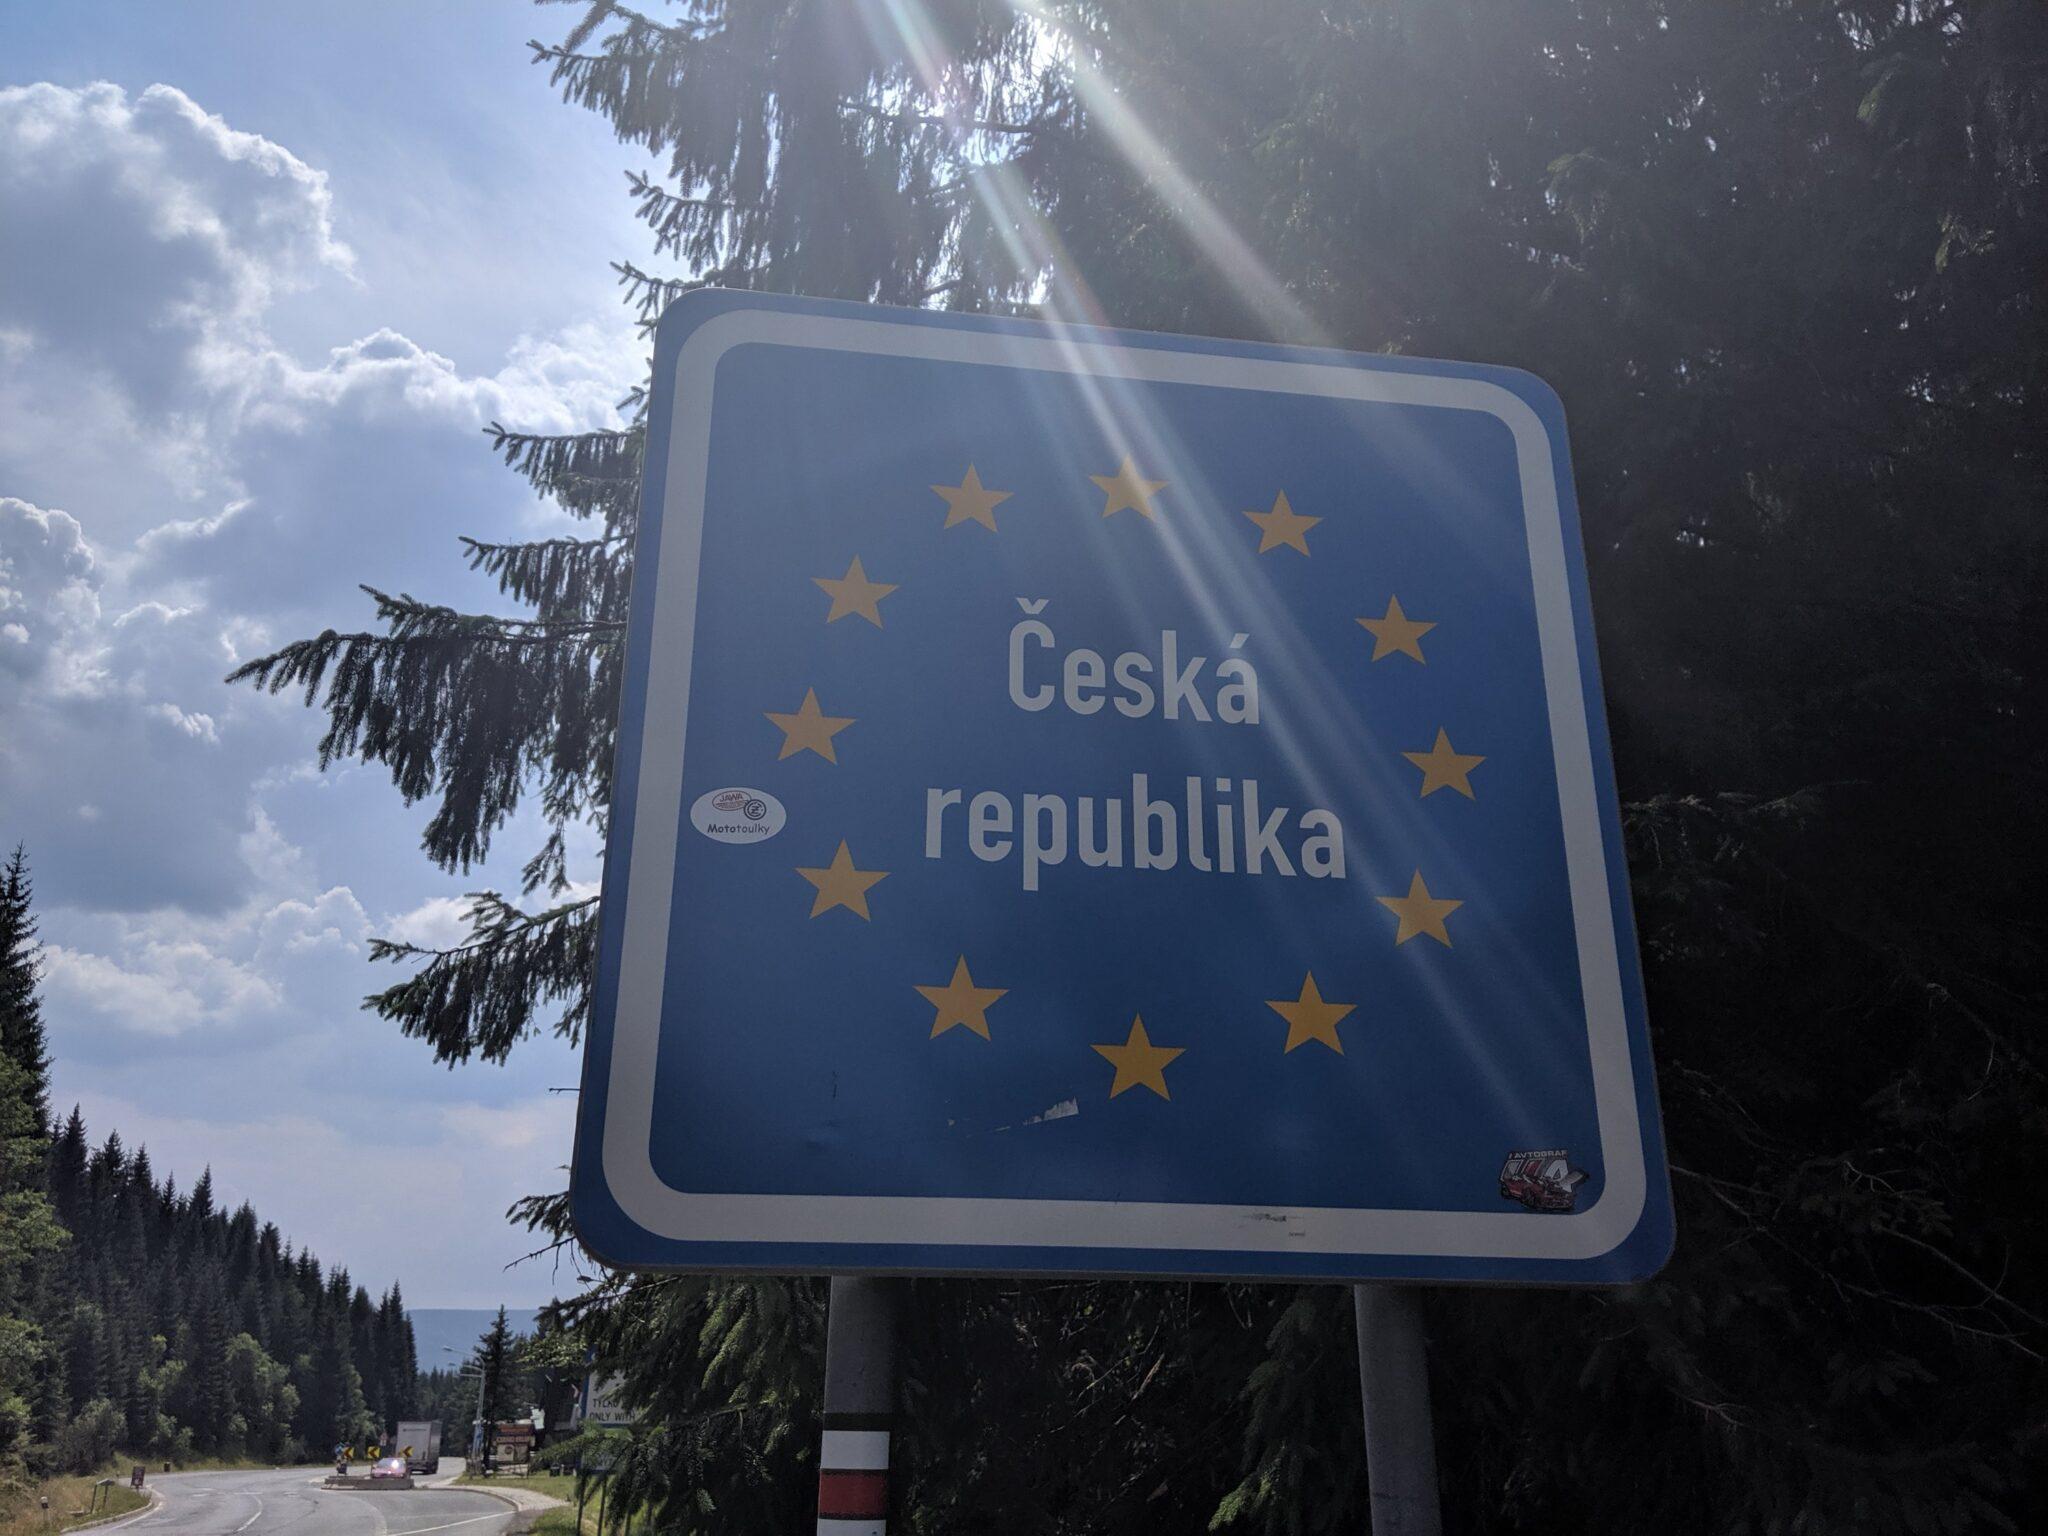 Tag 8 (30.7.): Tschechien